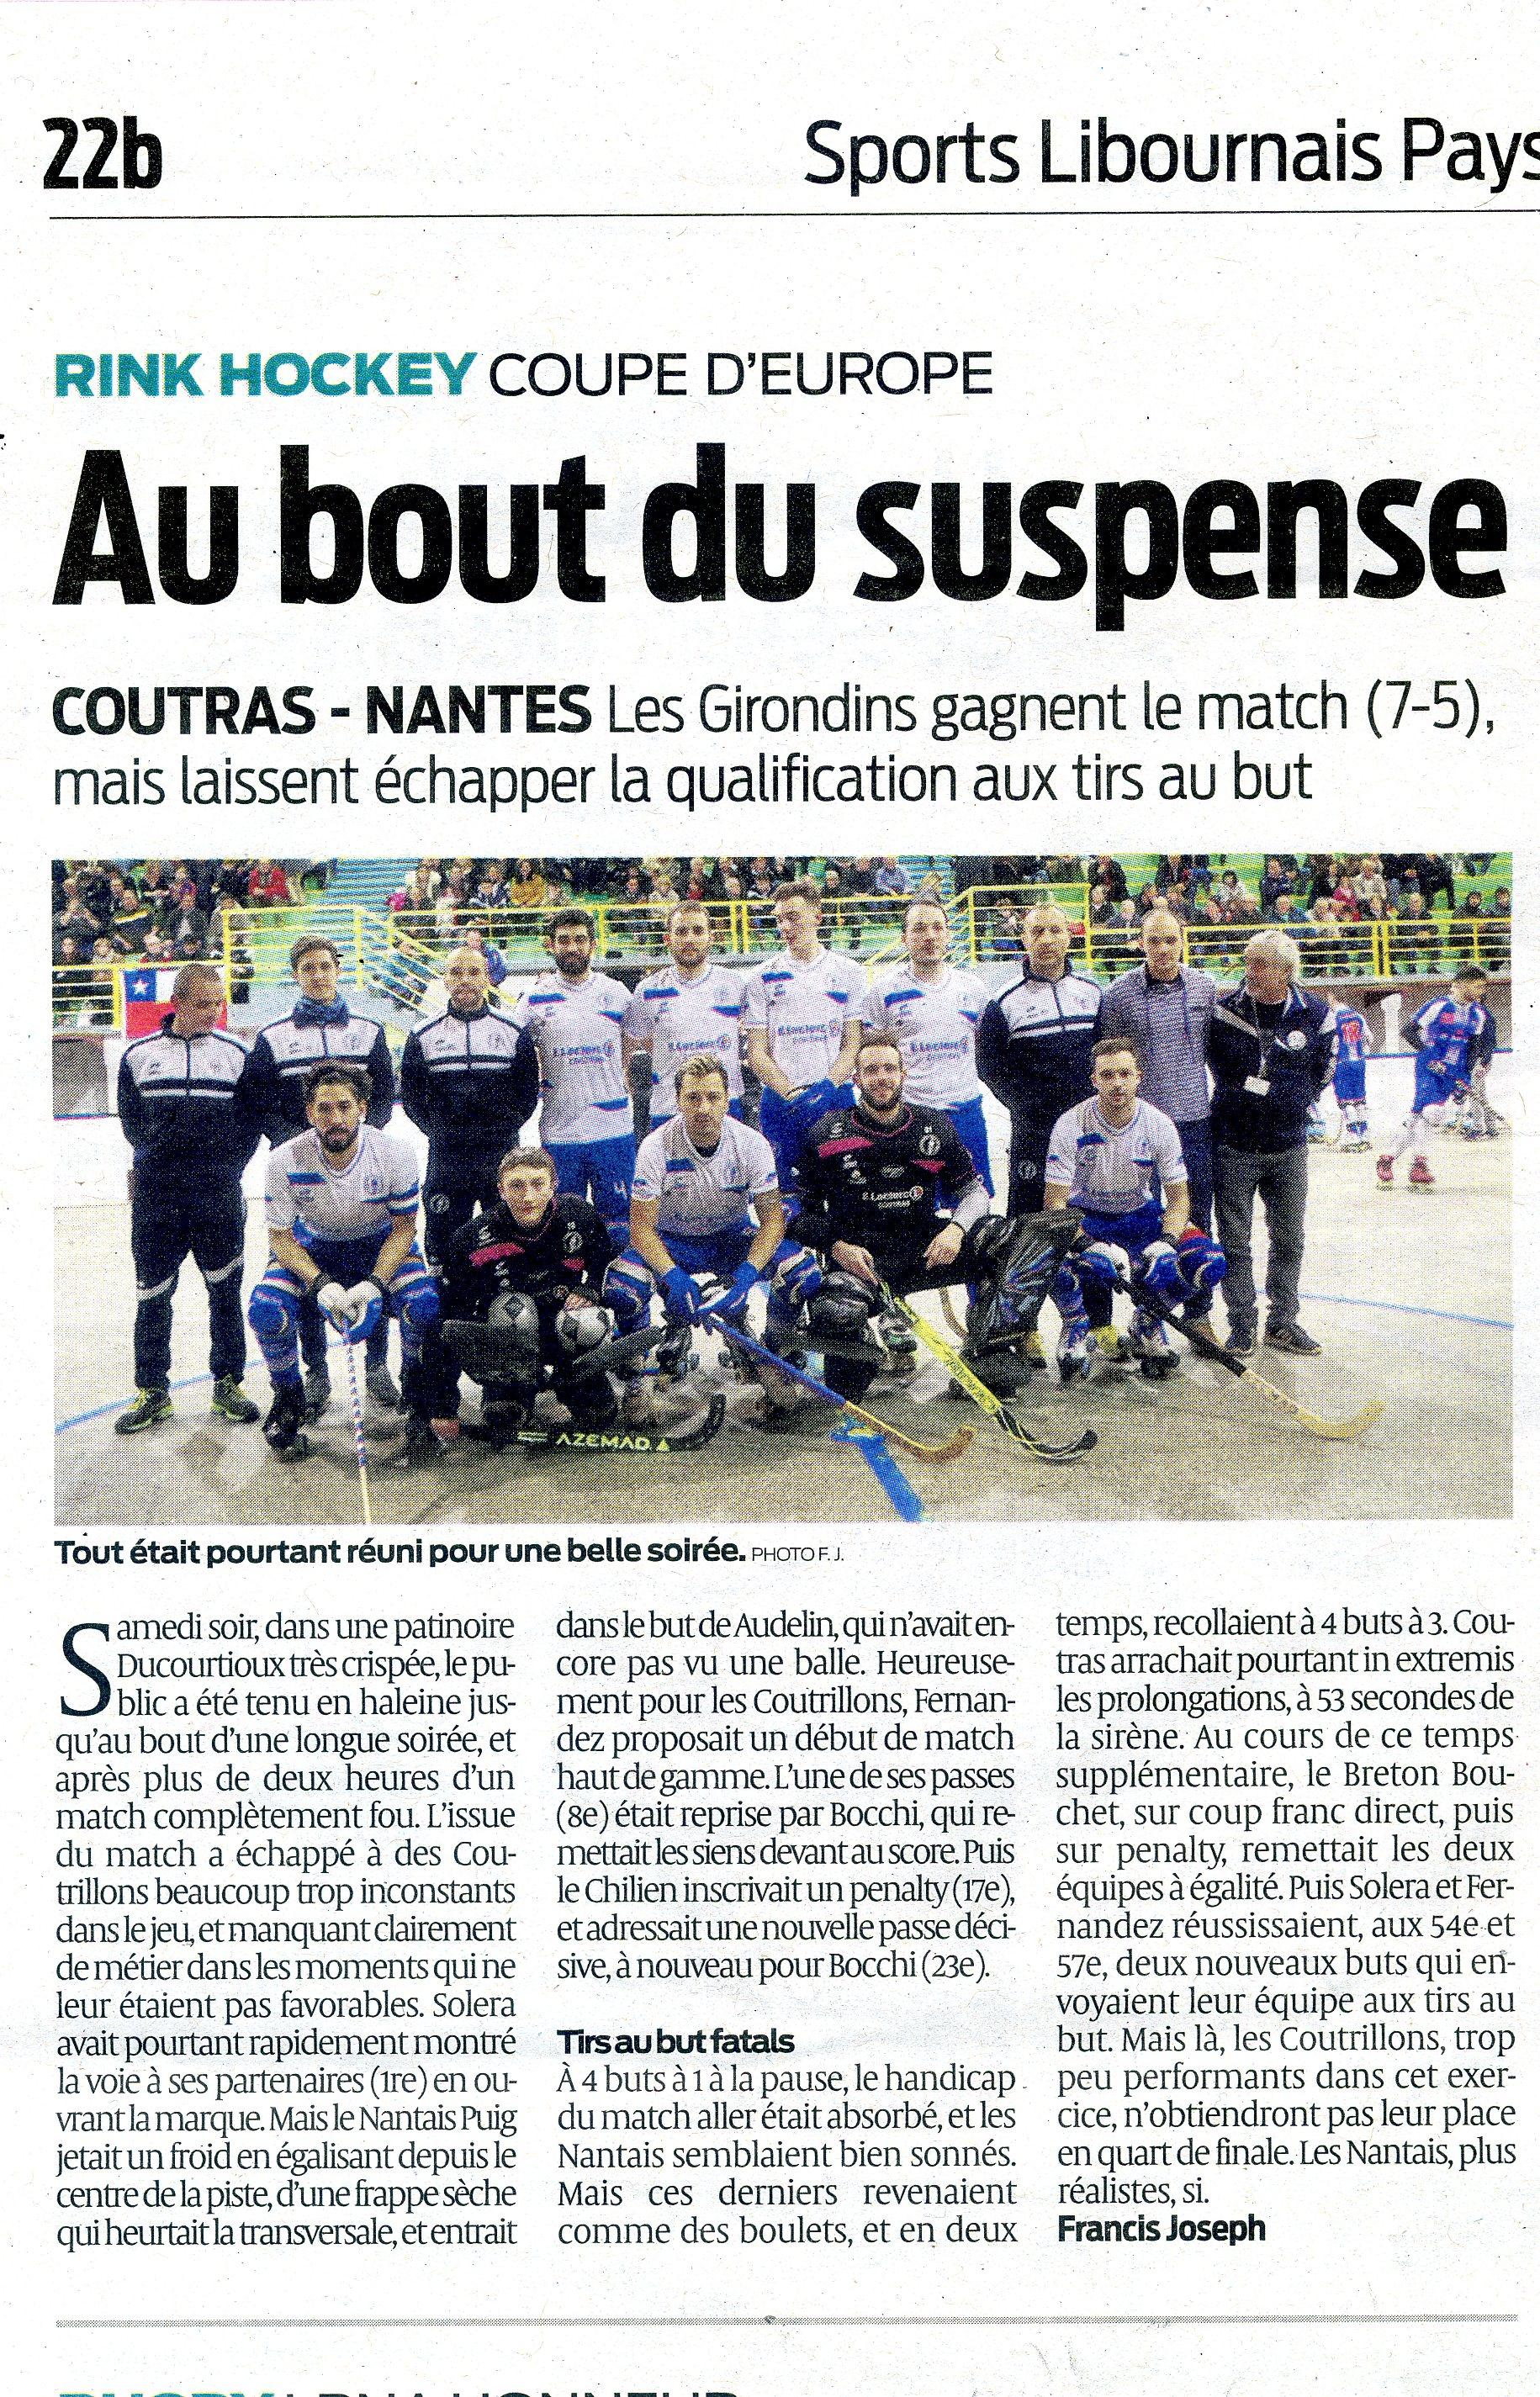 Coutras:Nantes CE SO363